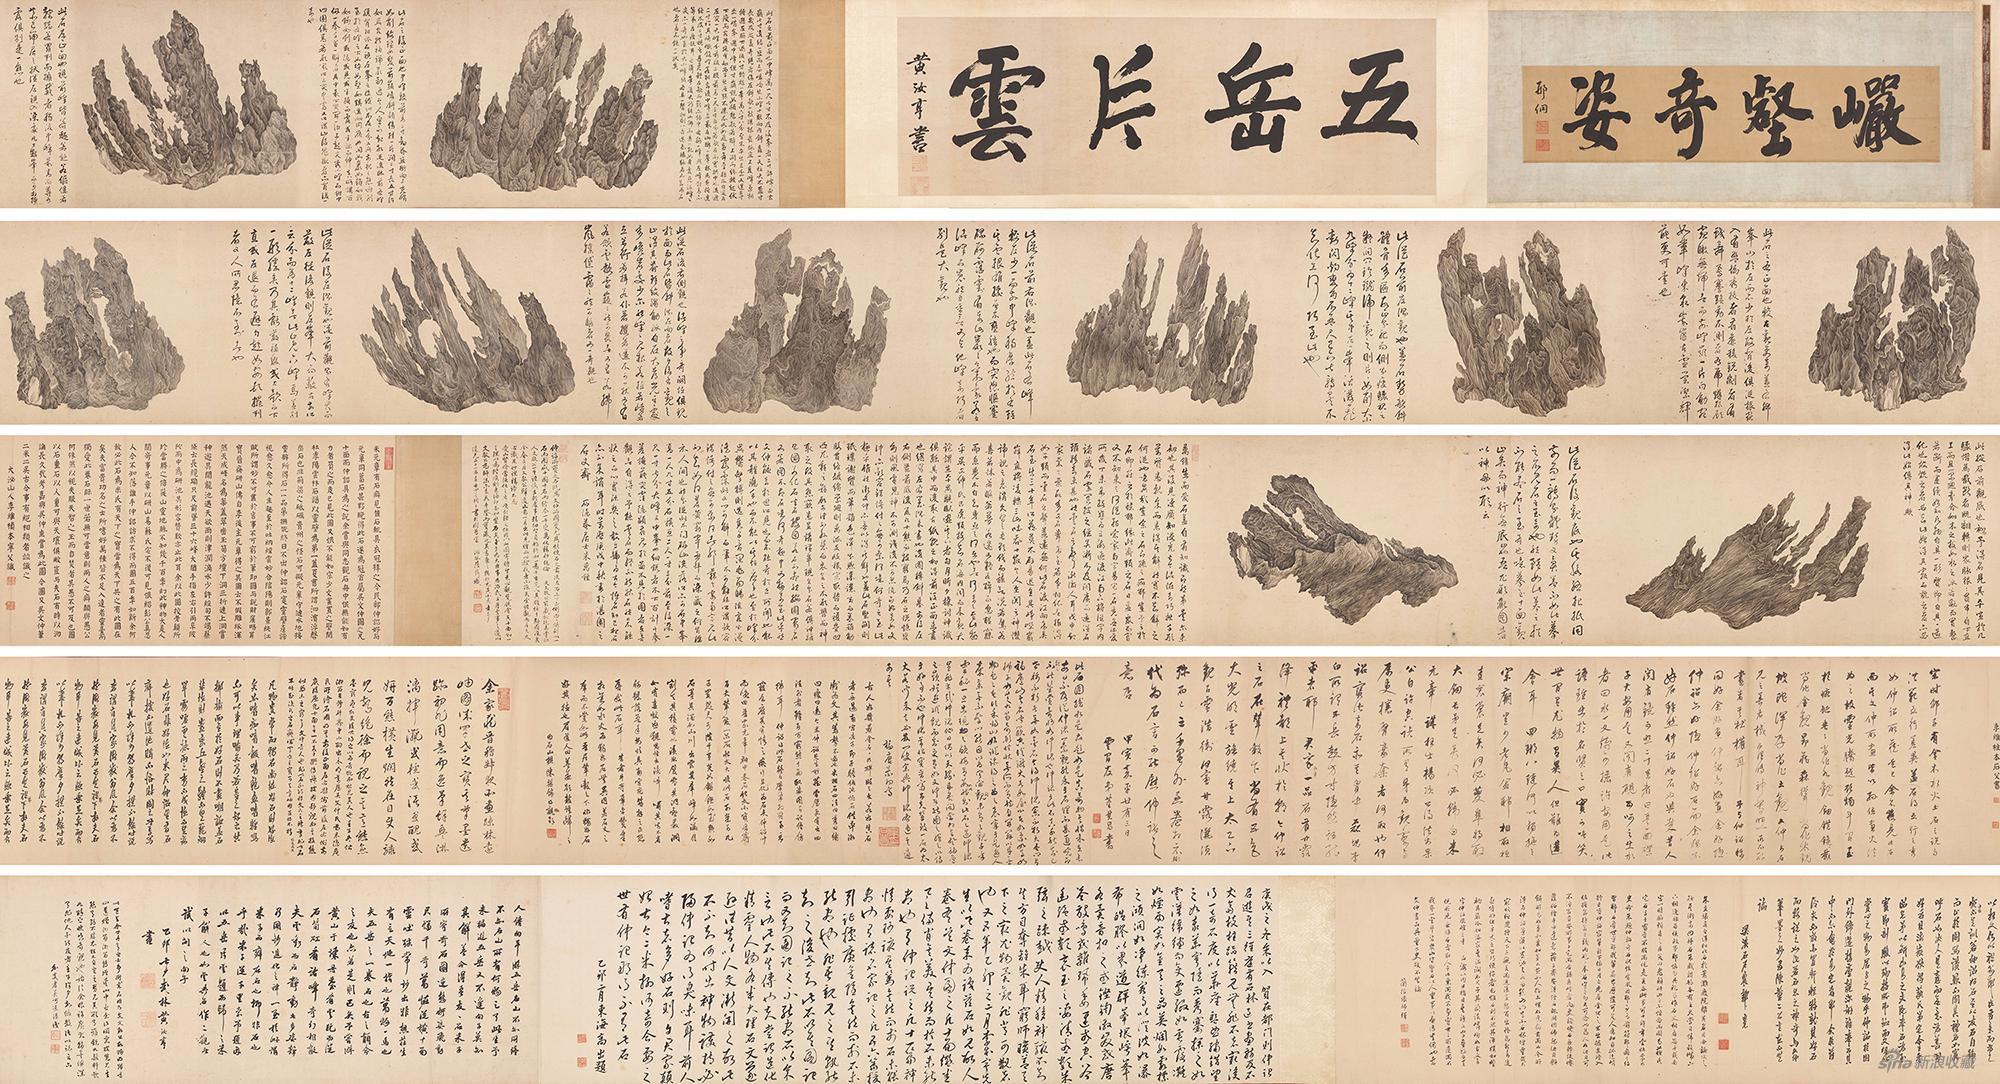 陕西省公安厅13日披露,自2012年以来,陕西公安和文物部门共侦破文物犯罪案件3131起,抓获犯罪嫌疑人3679名,打